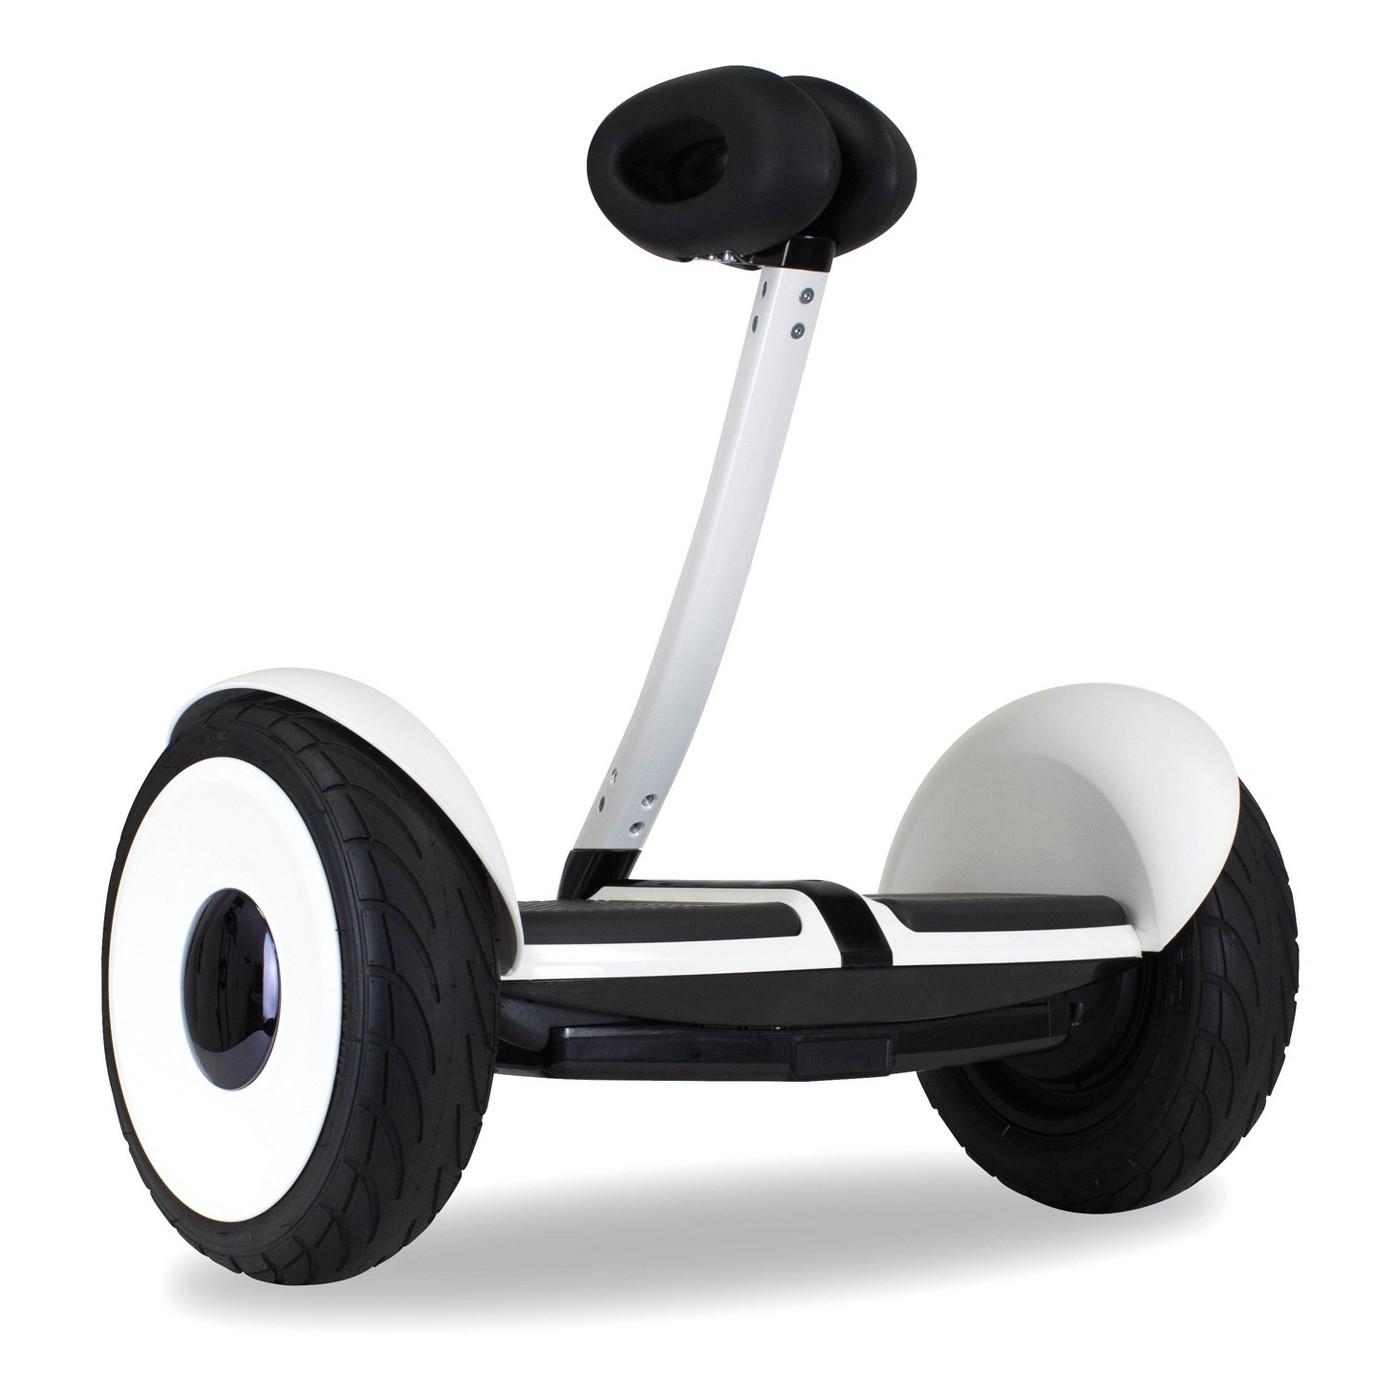 Segway Smart Self-Balancing Transporter miniLITE $262.49 AC @ Target Free Shipping